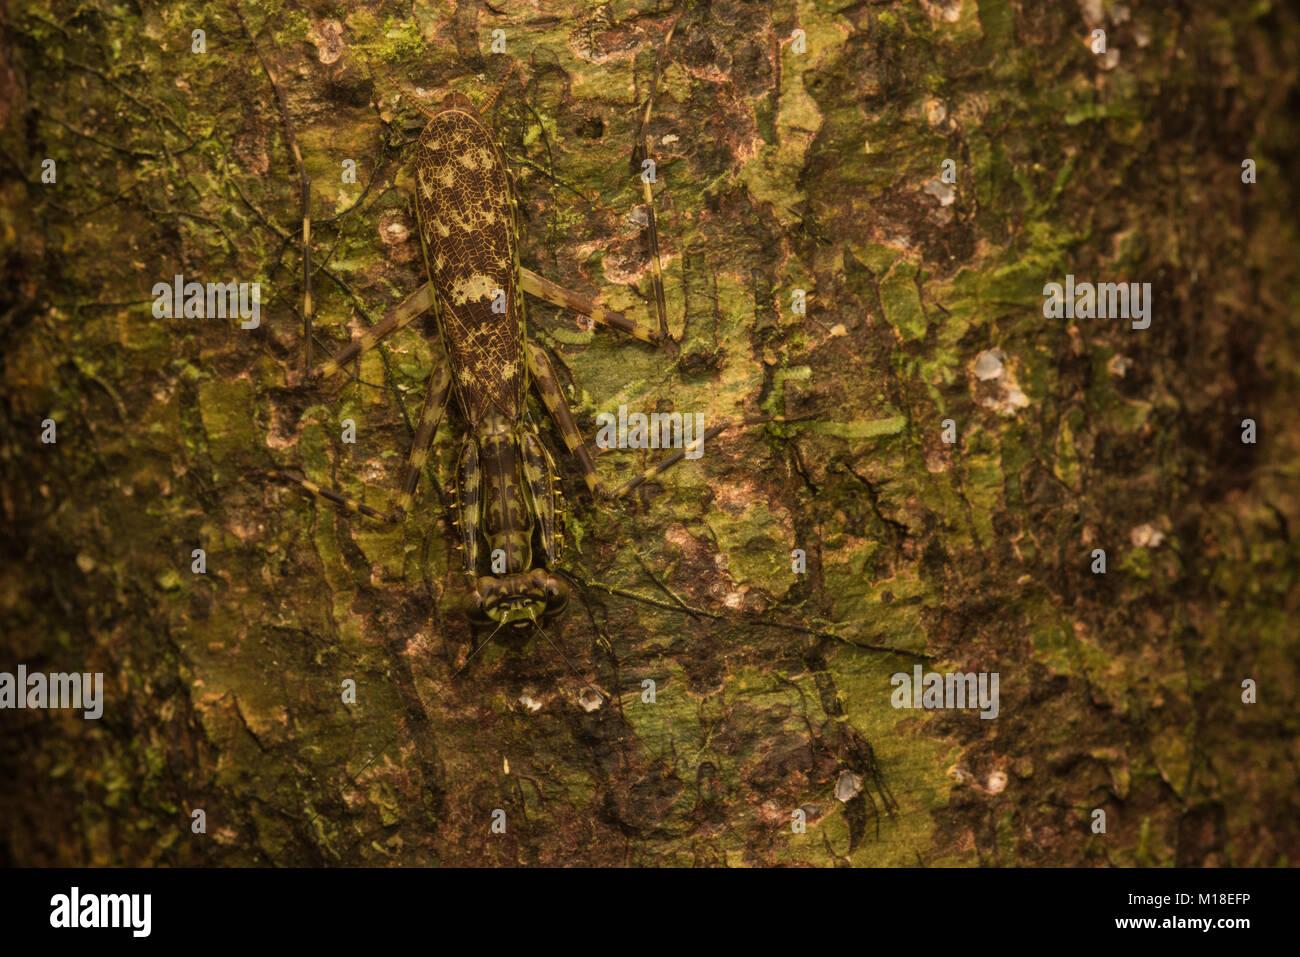 Eine flechte Mantis gegen einen bemoosten Baumstamm getarnt. Fast unmöglich, zu erkennen, aber sein dort. Stockbild